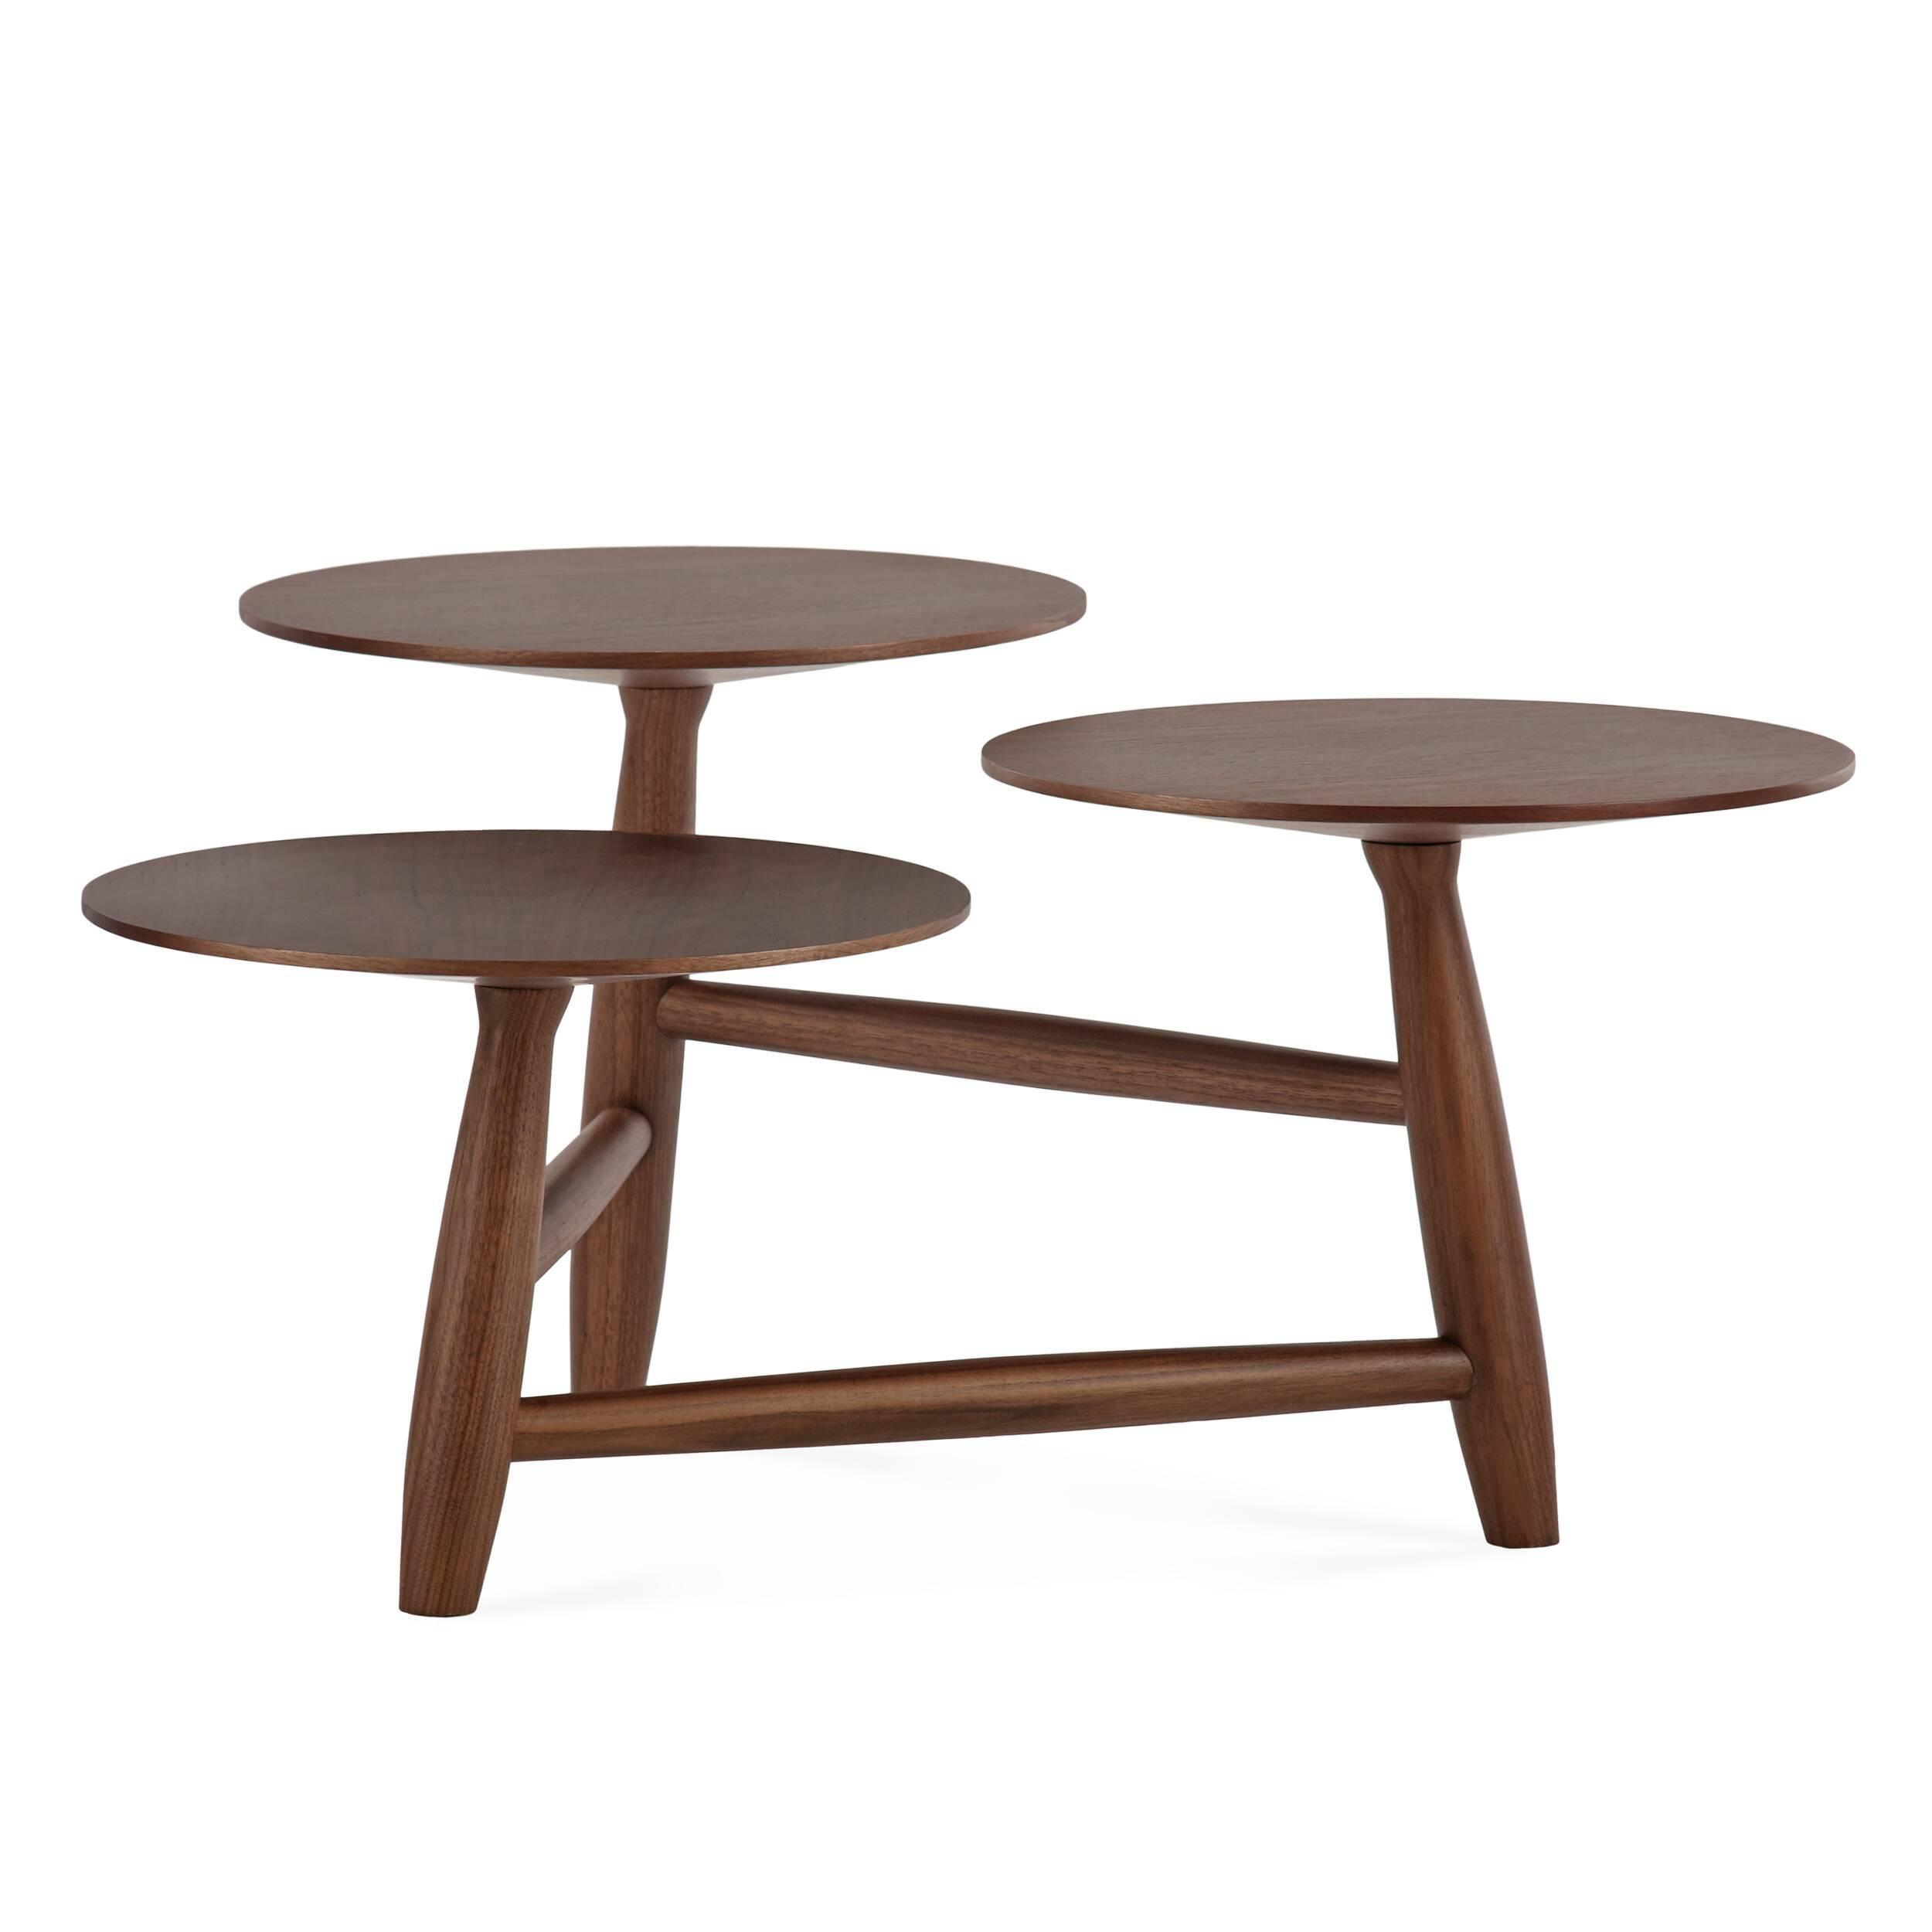 Кофейный стол Tripod высота 40Кофейные столики<br>Дизайнерский кофейный стол Tripod (Трайпод) с высотой 40 см из дерева от Cosmo (Космо).<br><br><br> Данная модель — один из кофейных столов Tripod от именитого американского дизайнера Шона Дикса. Дикс родился в США, но за годы своего становления в качестве дизайнера успел сменить немало стран и, используя их культурное наследие, создал свой неповторимый дизайнерский стиль.<br> <br> Красивый эклектичный дизайн кофейного стола Tripod высота 40 идеально дополнит любой интерьер в современном стиле, став гл...<br><br>stock: 0<br>Высота: 40<br>Ширина: 77,2<br>Длина: 83<br>Цвет ножек: Орех американский<br>Цвет столешницы: Орех американский<br>Материал ножек: Массив ореха<br>Материал столешницы: Фанера, шпон ореха<br>Тип материала столешницы: Фанера<br>Тип материала ножек: Дерево